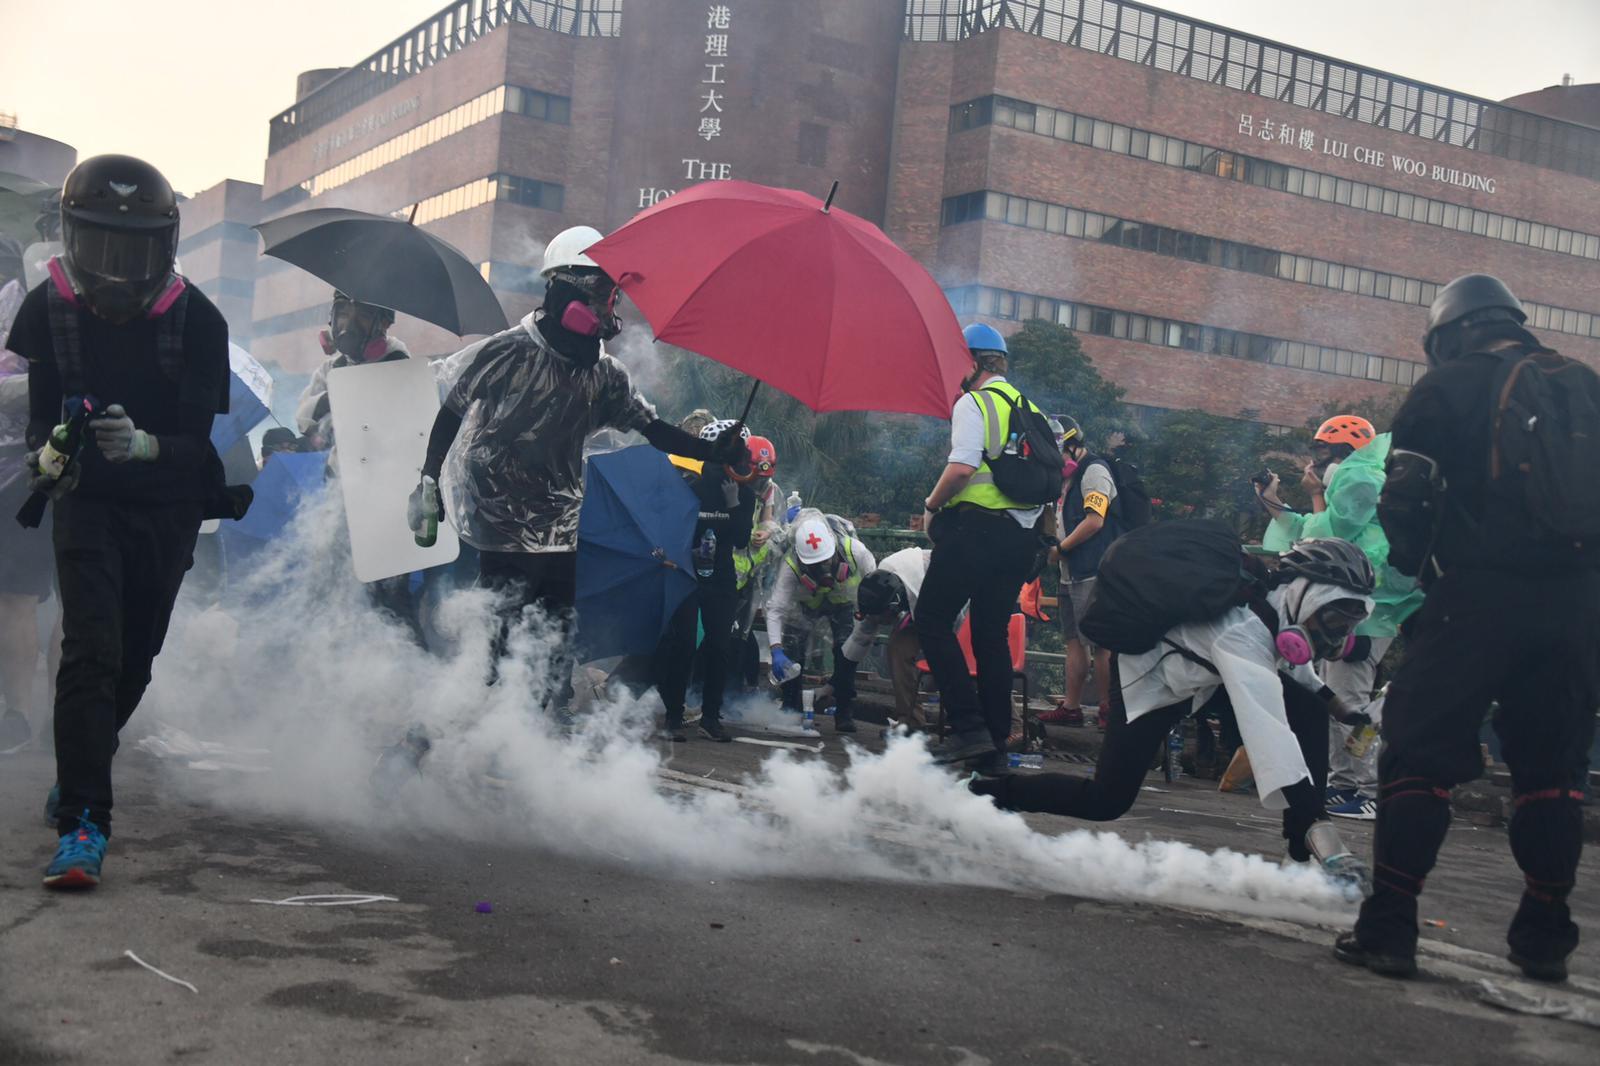 【修例风波】防暴警理大外施放橡胶弹催泪弹 装甲车车轮一度起火